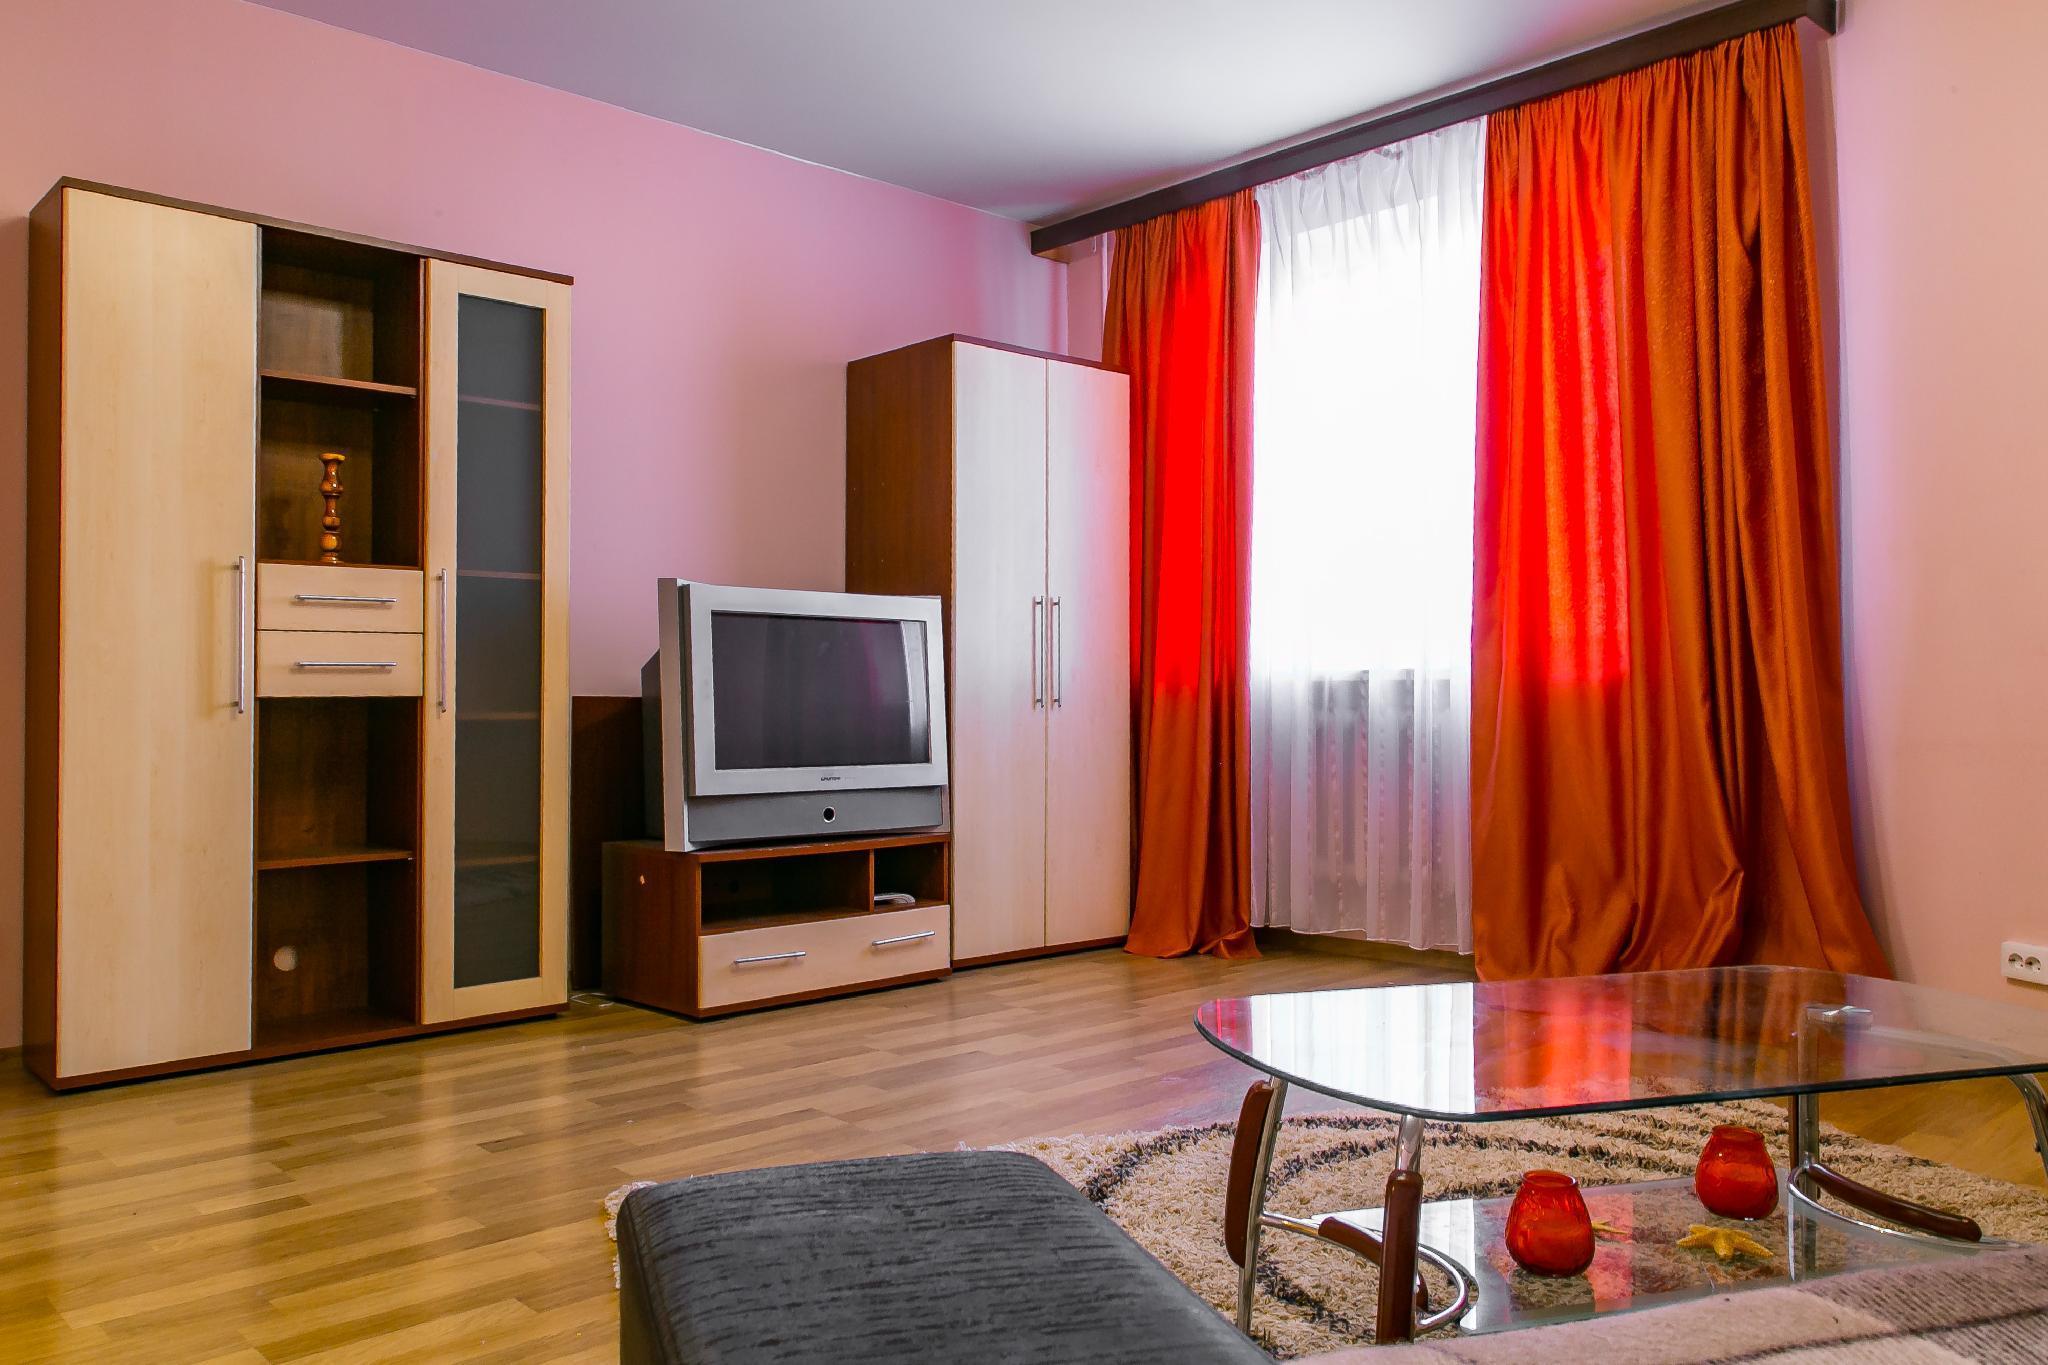 Apartment 3 Rooms With Sauna Leninsky Prospekt 88